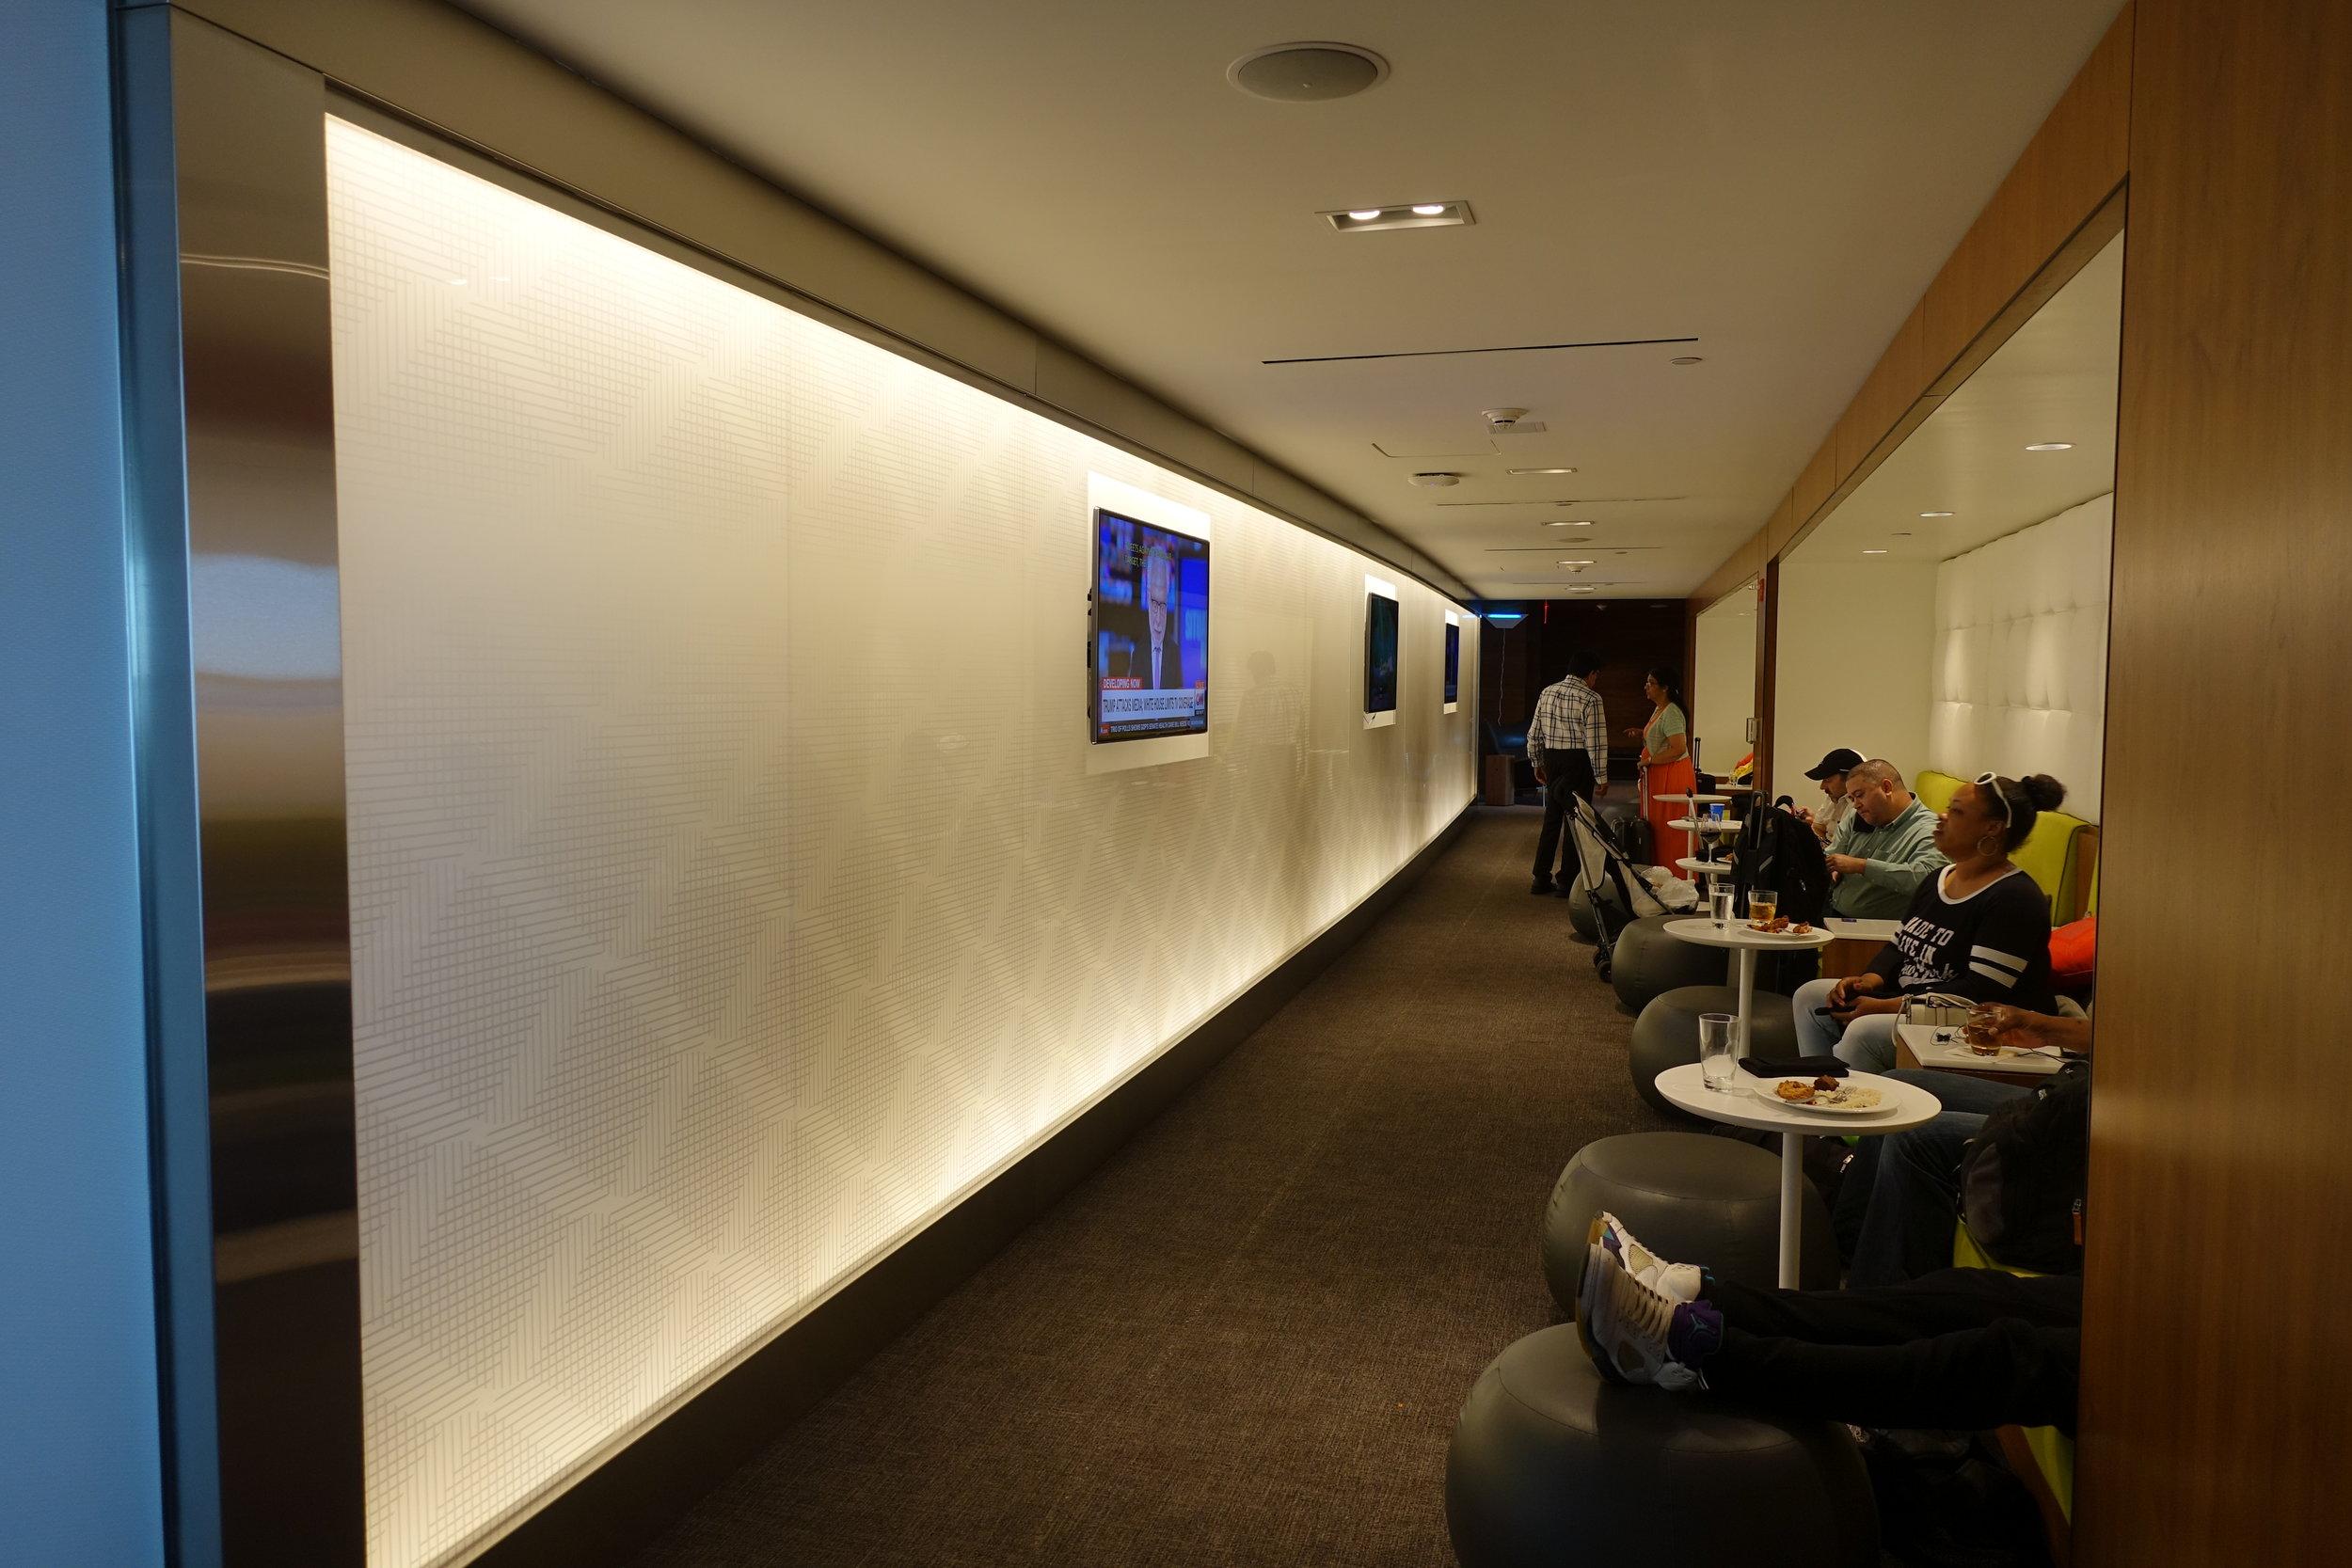 Corridor w/ semi-private workspaces